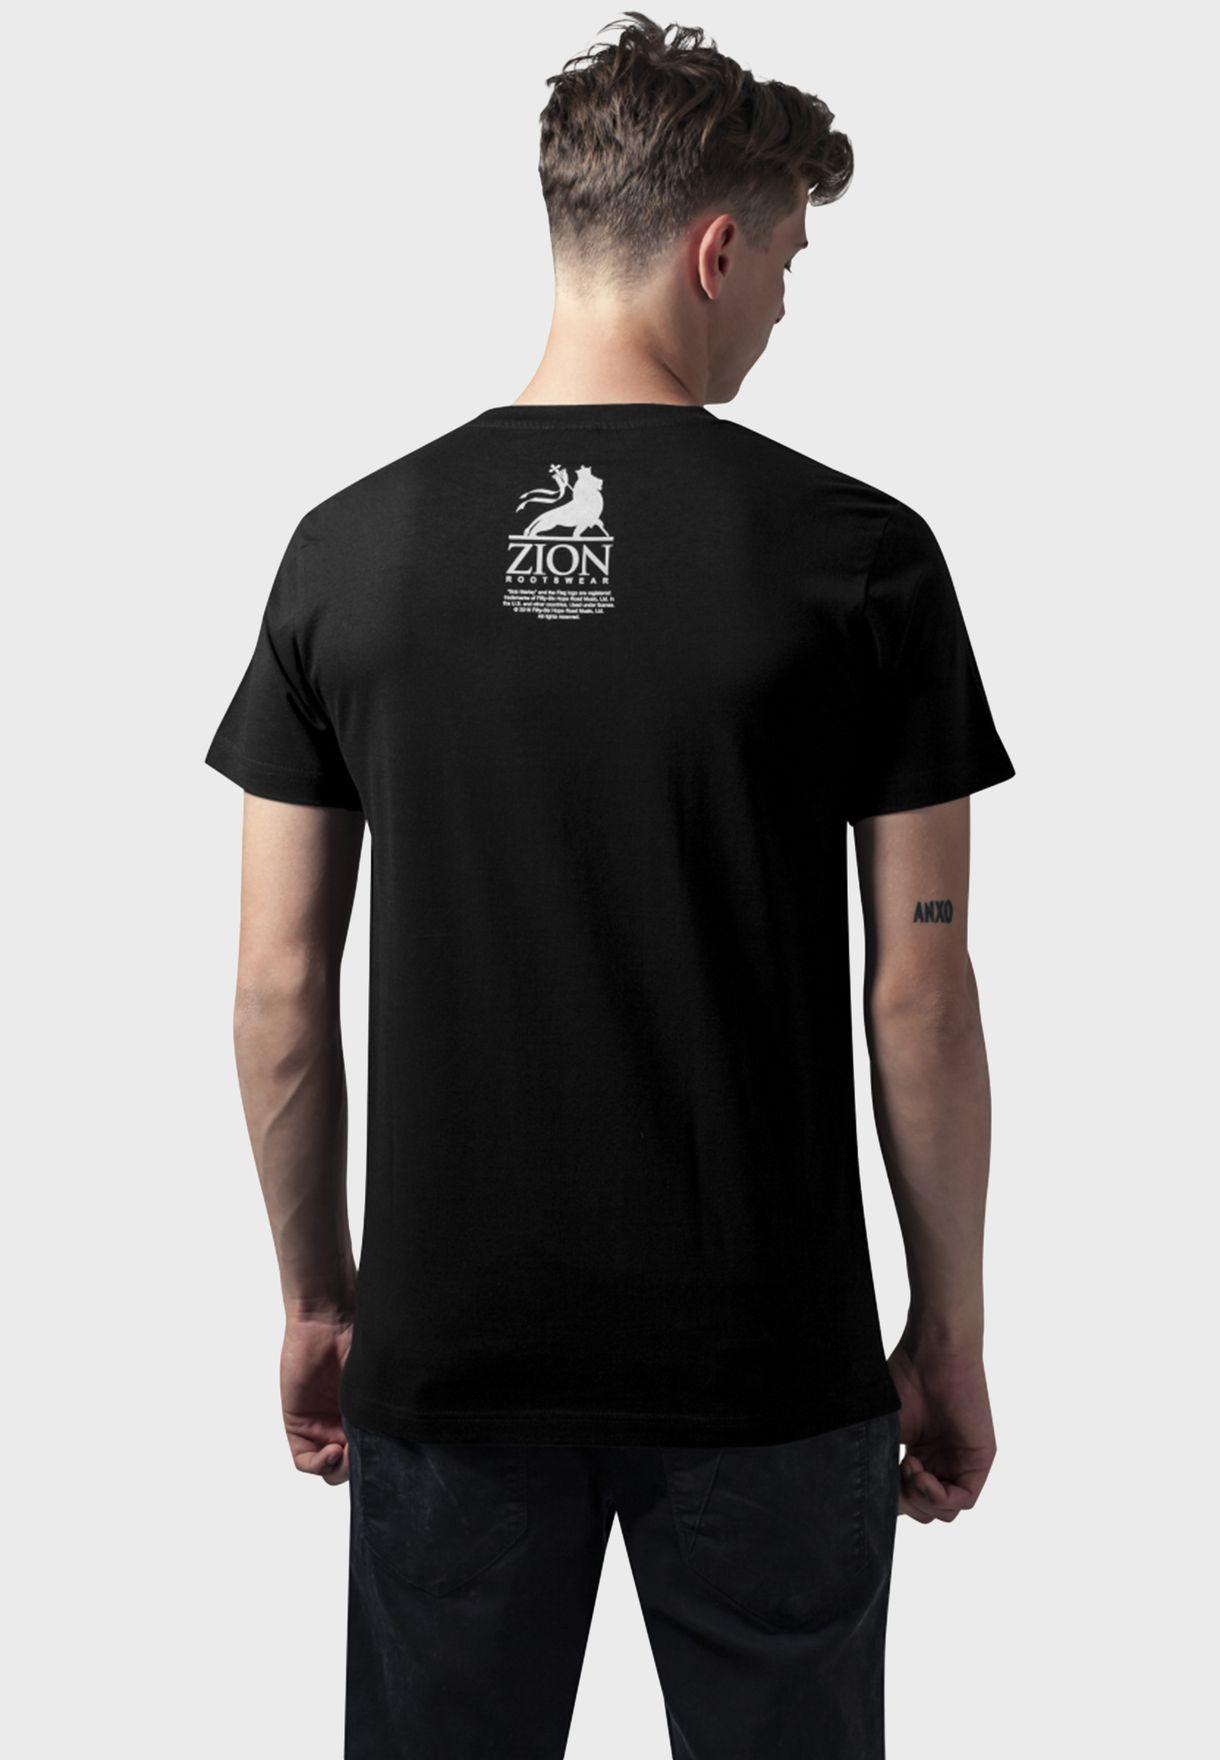 Bob Marley One Love T-Shirt